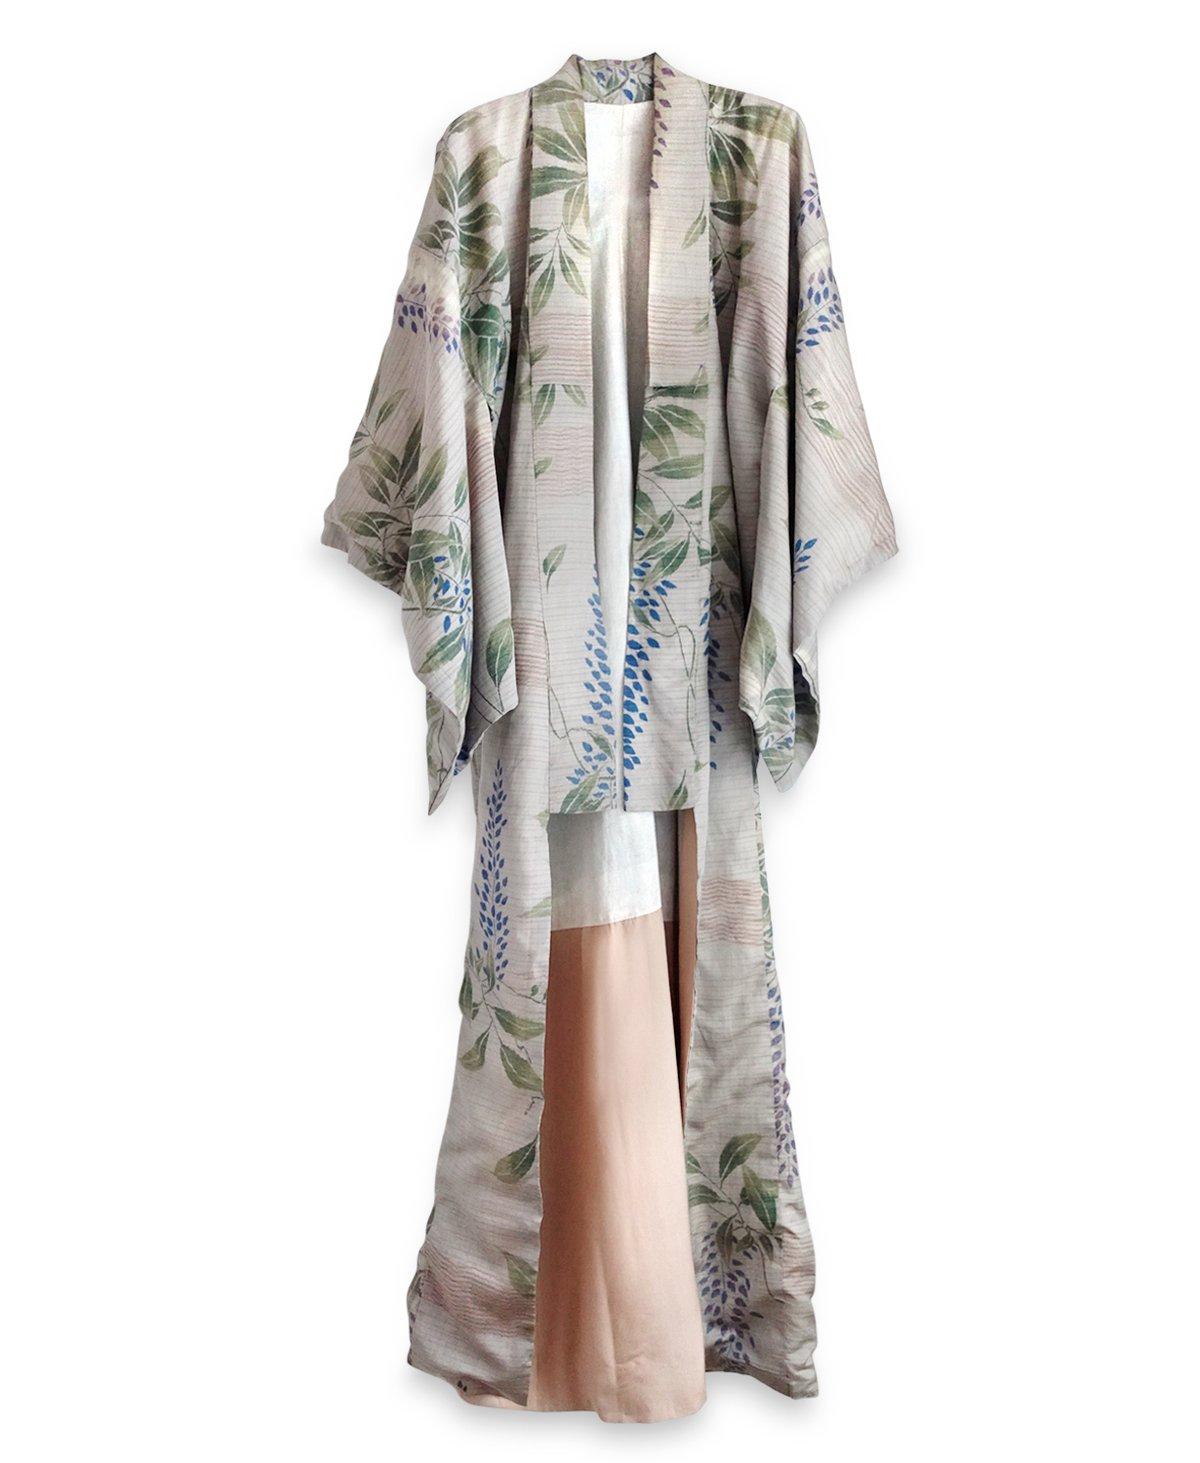 Image of Botanisk silke kimono med blåregn og blade